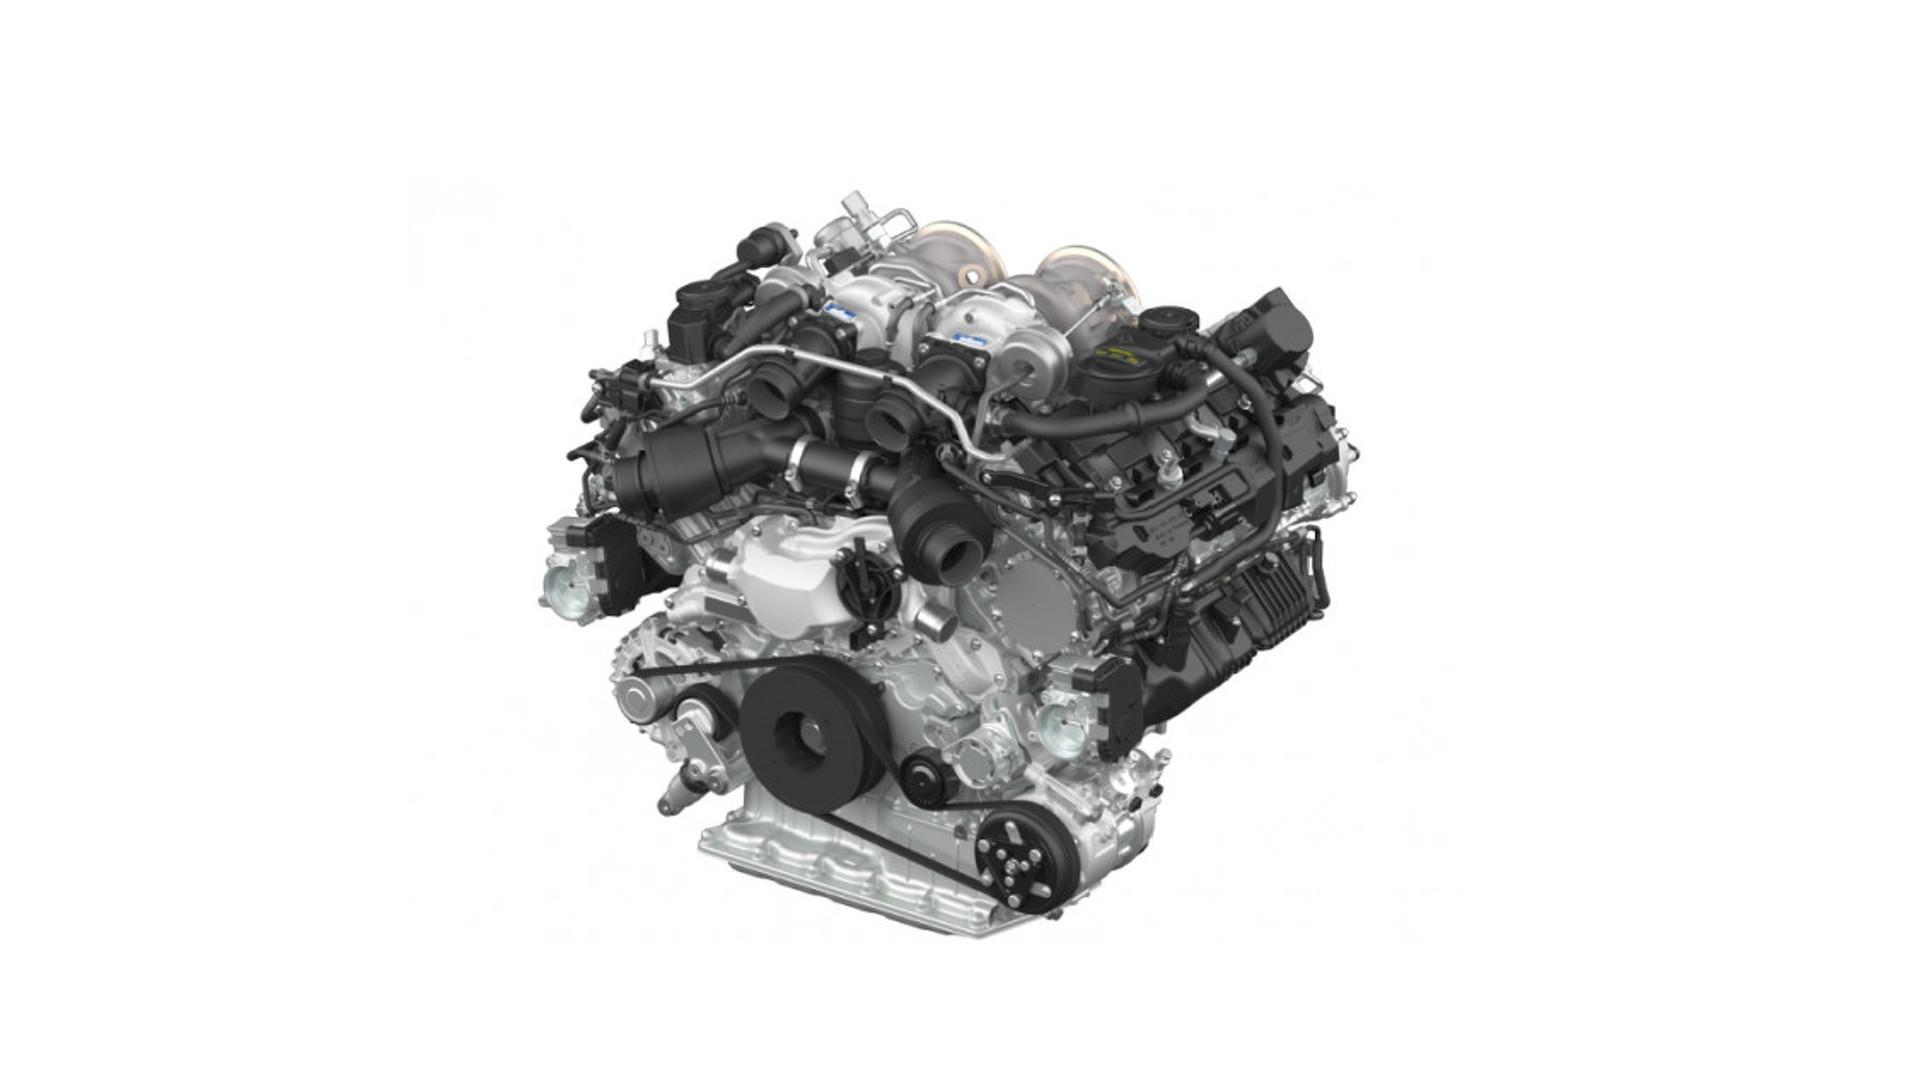 porsche-biturbo-v8-engine